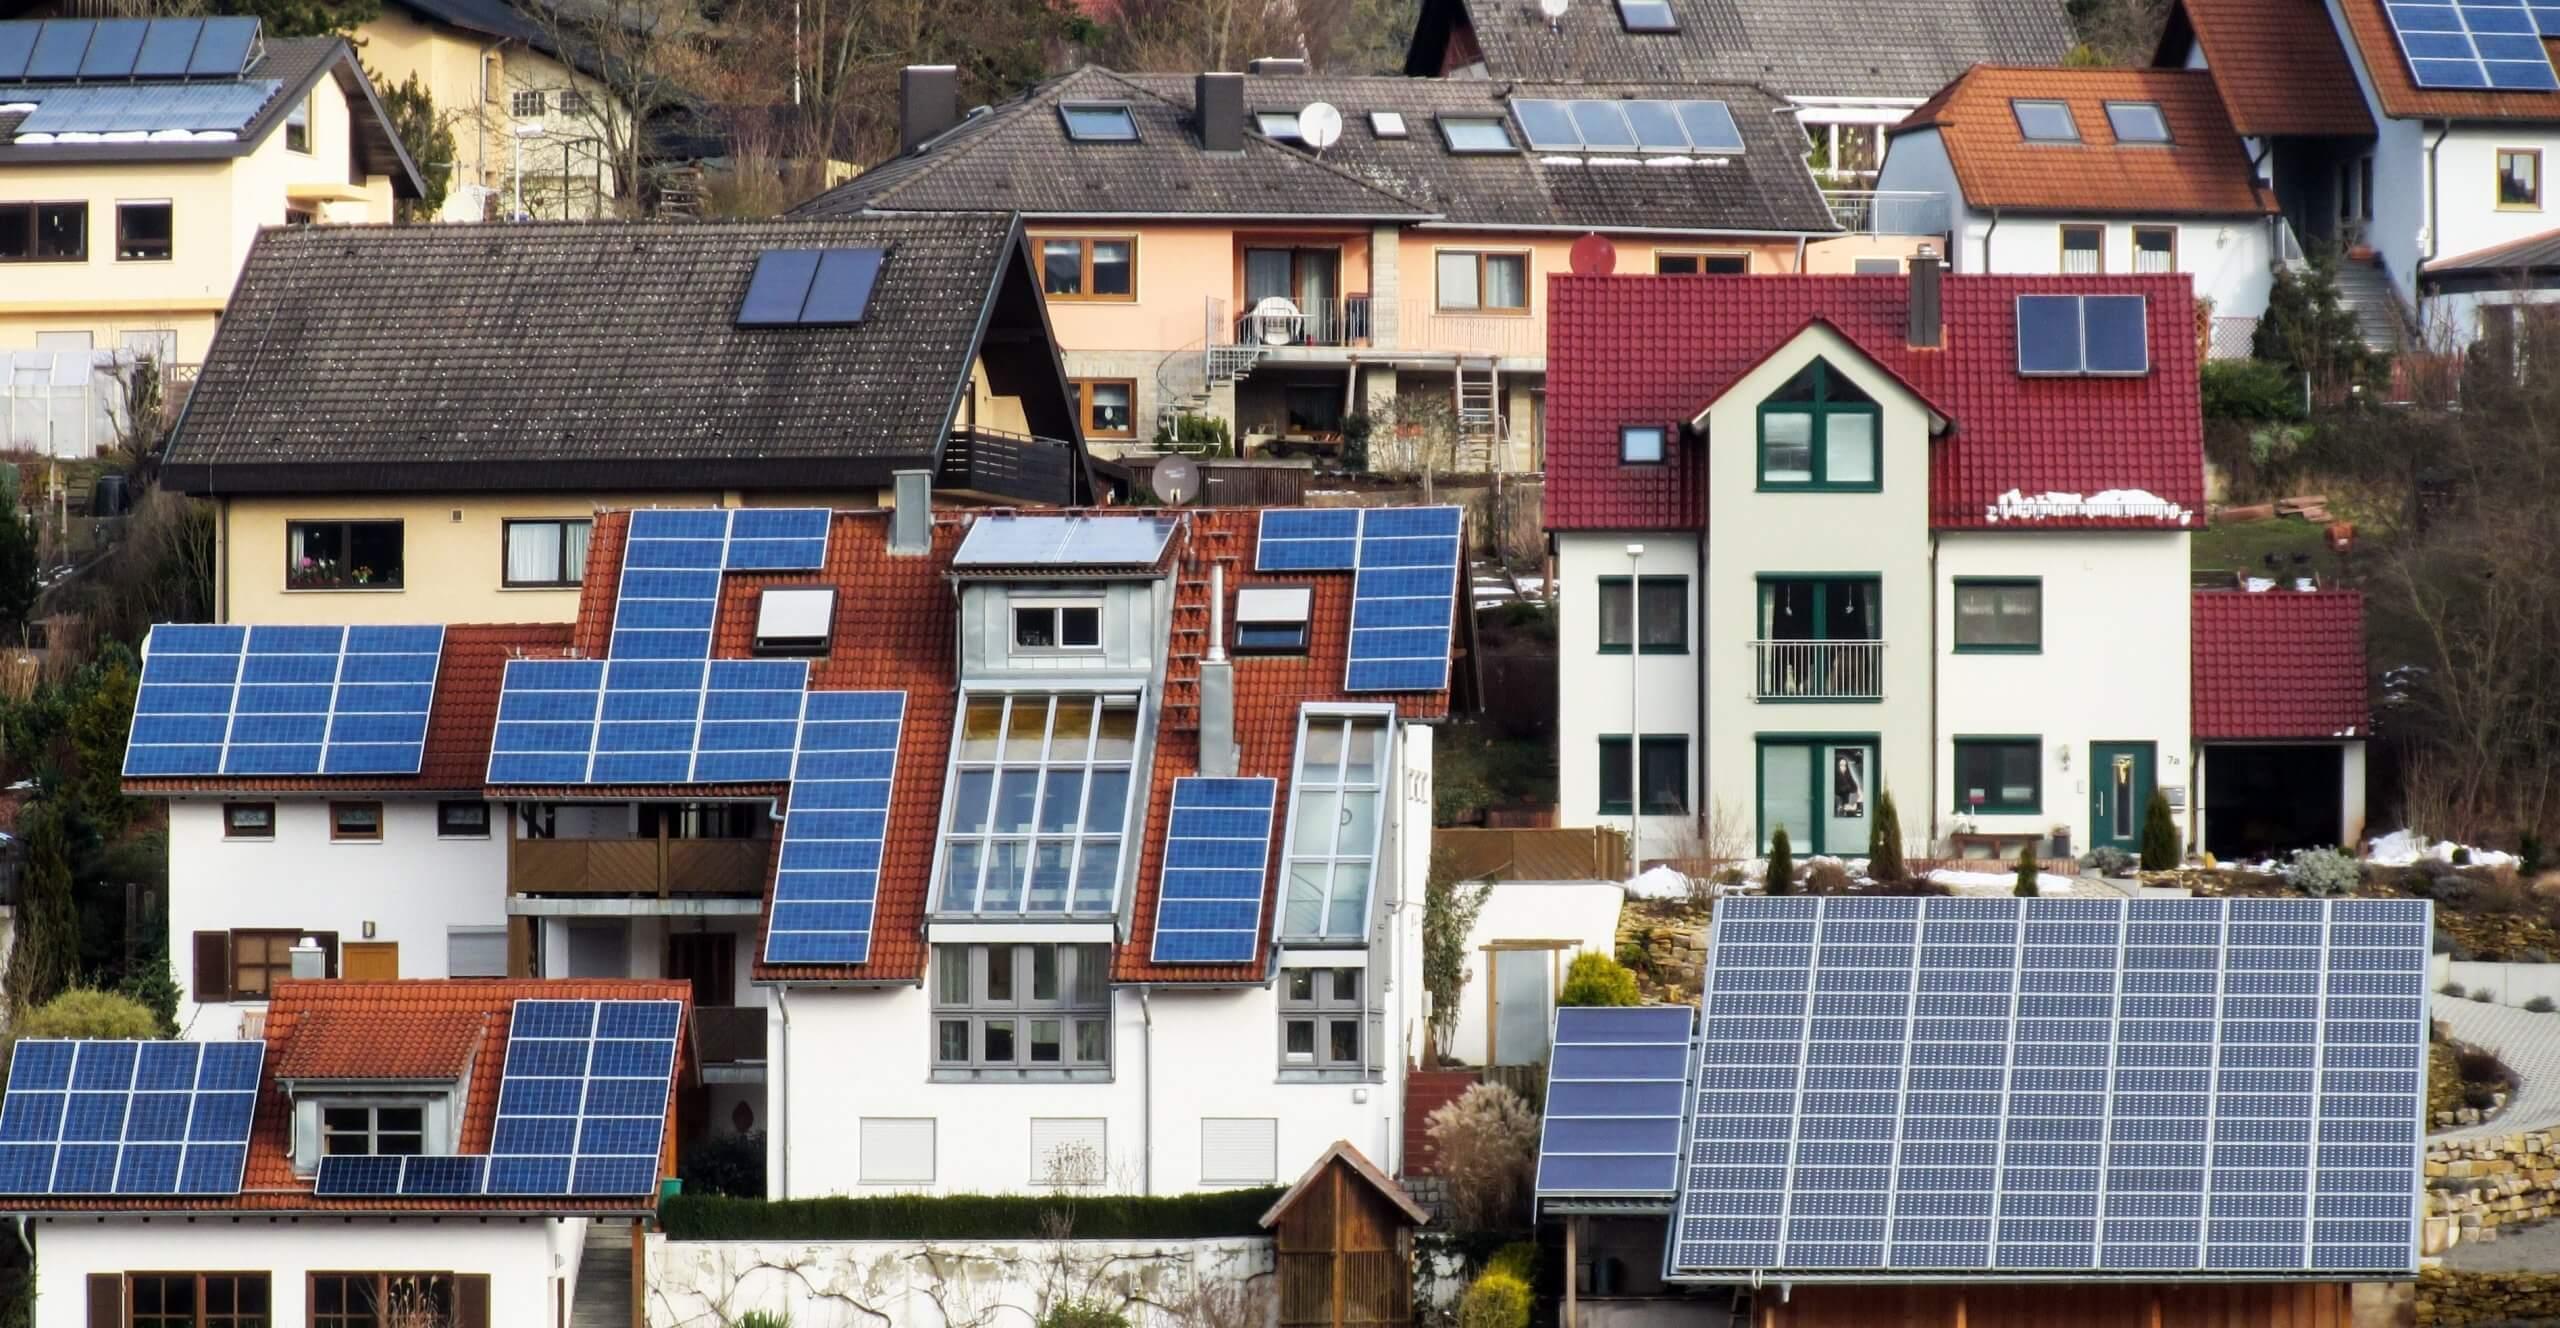 El autoconsumo colectivo: democratizar las energías renovables